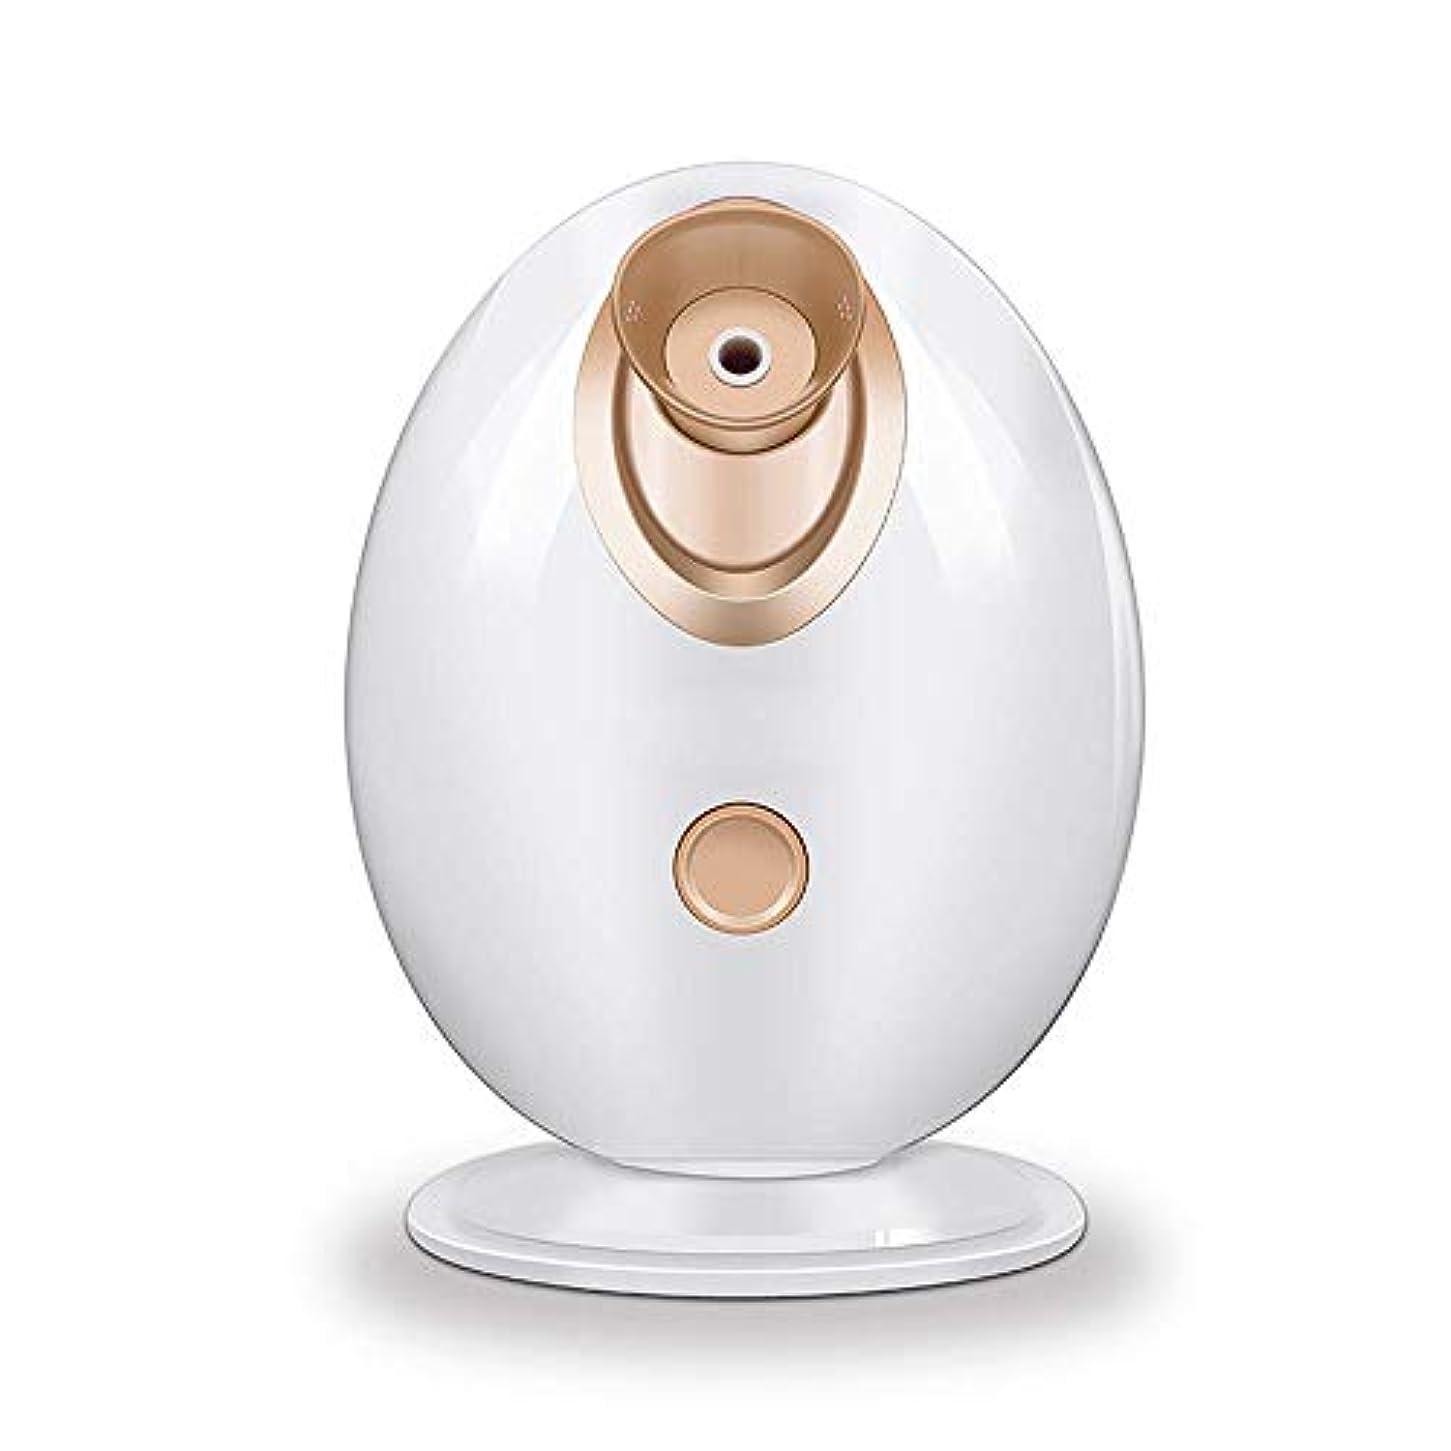 キモい性能ボックスYalztc-zyq16 家の美容院イオン蒸気の表面水和の美の器械のスプレー機械表面水和の器械のイオンスプレーのメートルの皮の若返り、熱スプレーの美の器械 (Color : Gold)